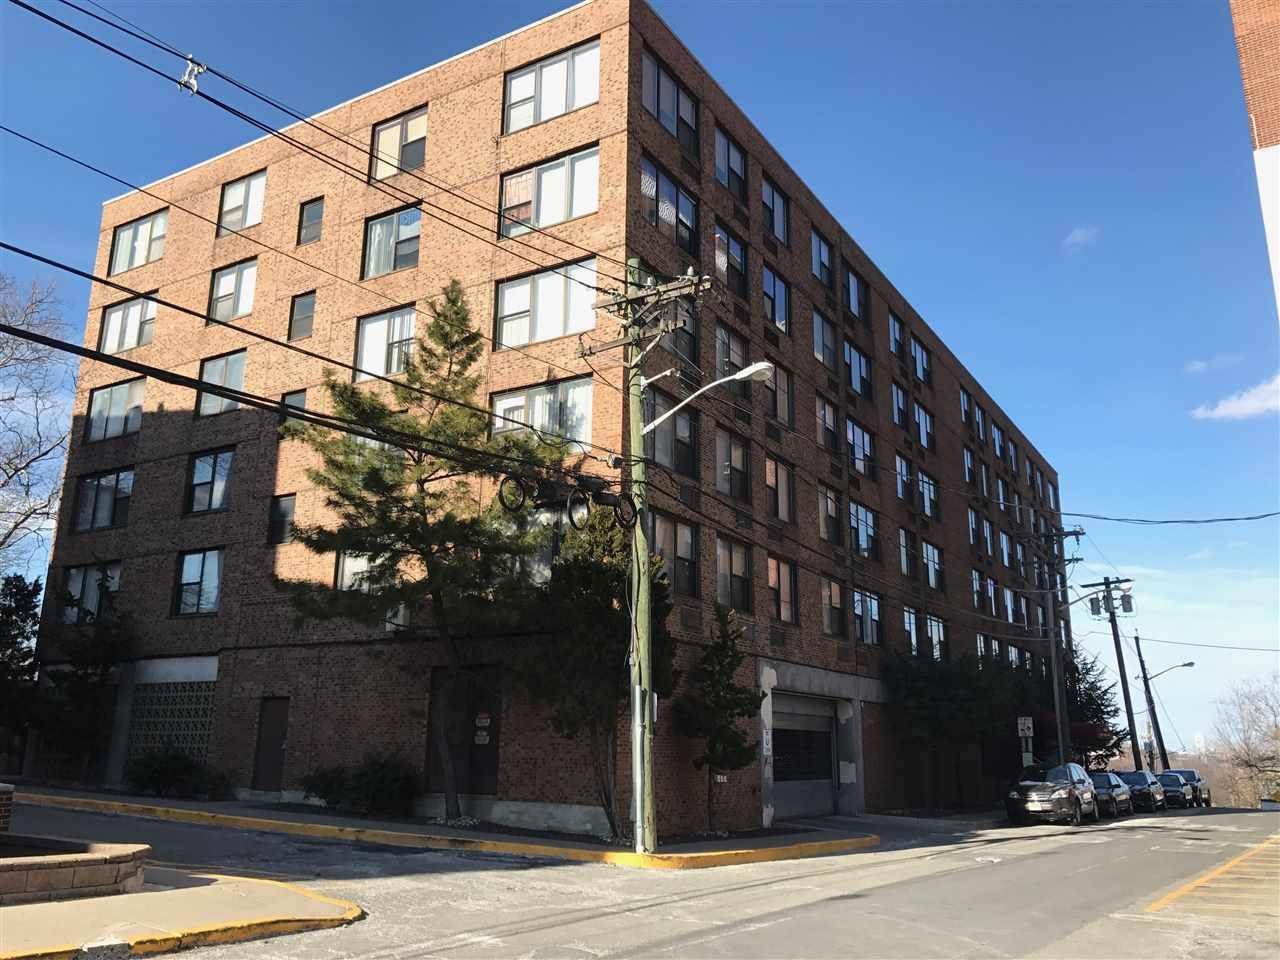 9019 WALL ST, North Bergen, New Jersey 07047, 2 Bedrooms Bedrooms, ,2 BathroomsBathrooms,Condominium,For Sale,9019 WALL ST,202026154